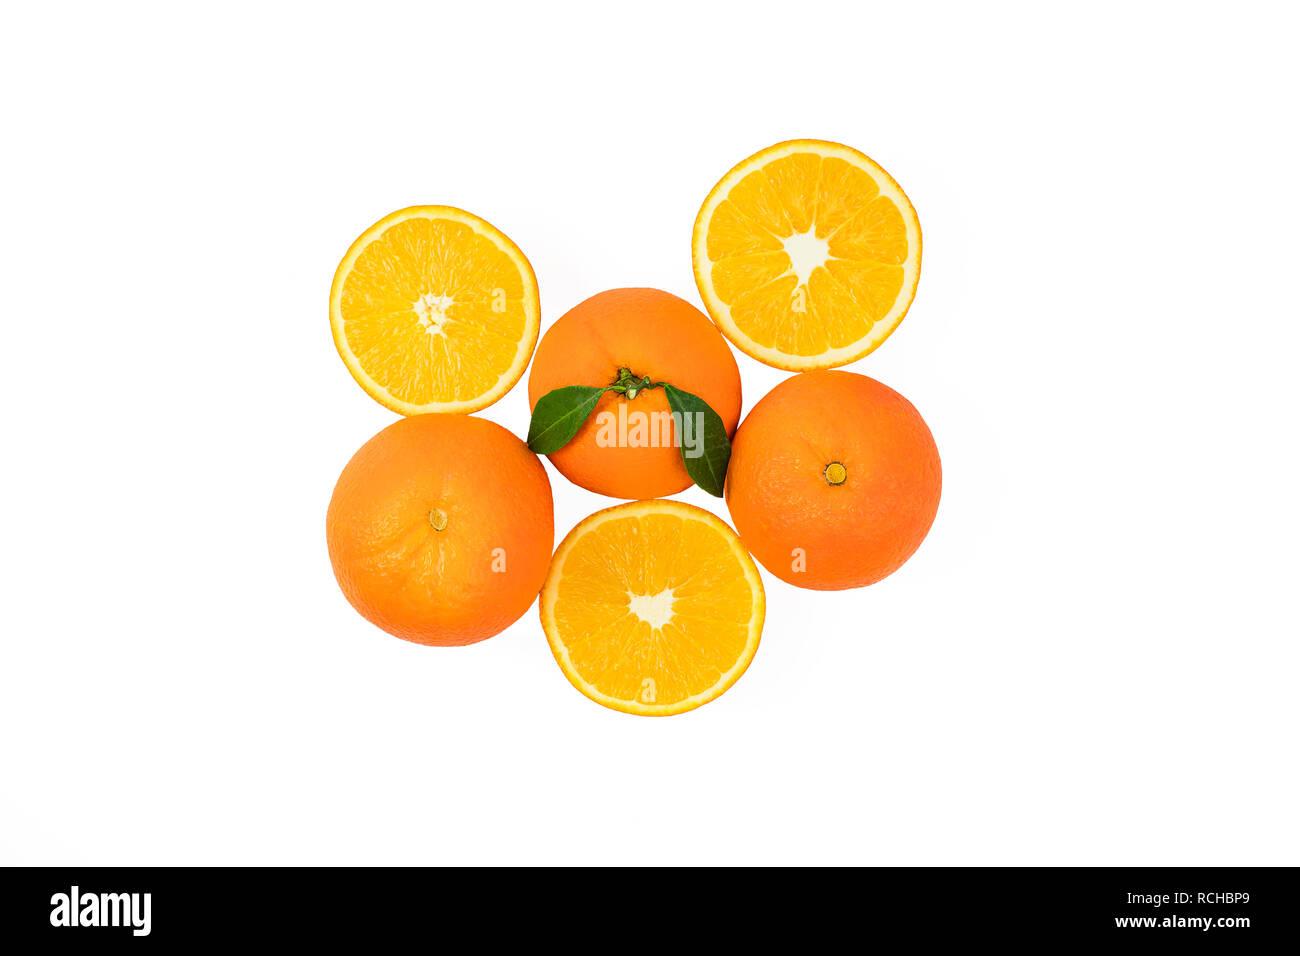 Fresh orange citrus fruits and slice. Orange citrus fruits and slice on isolated background. Delicious tasty and healthy oranges on white background - Stock Image